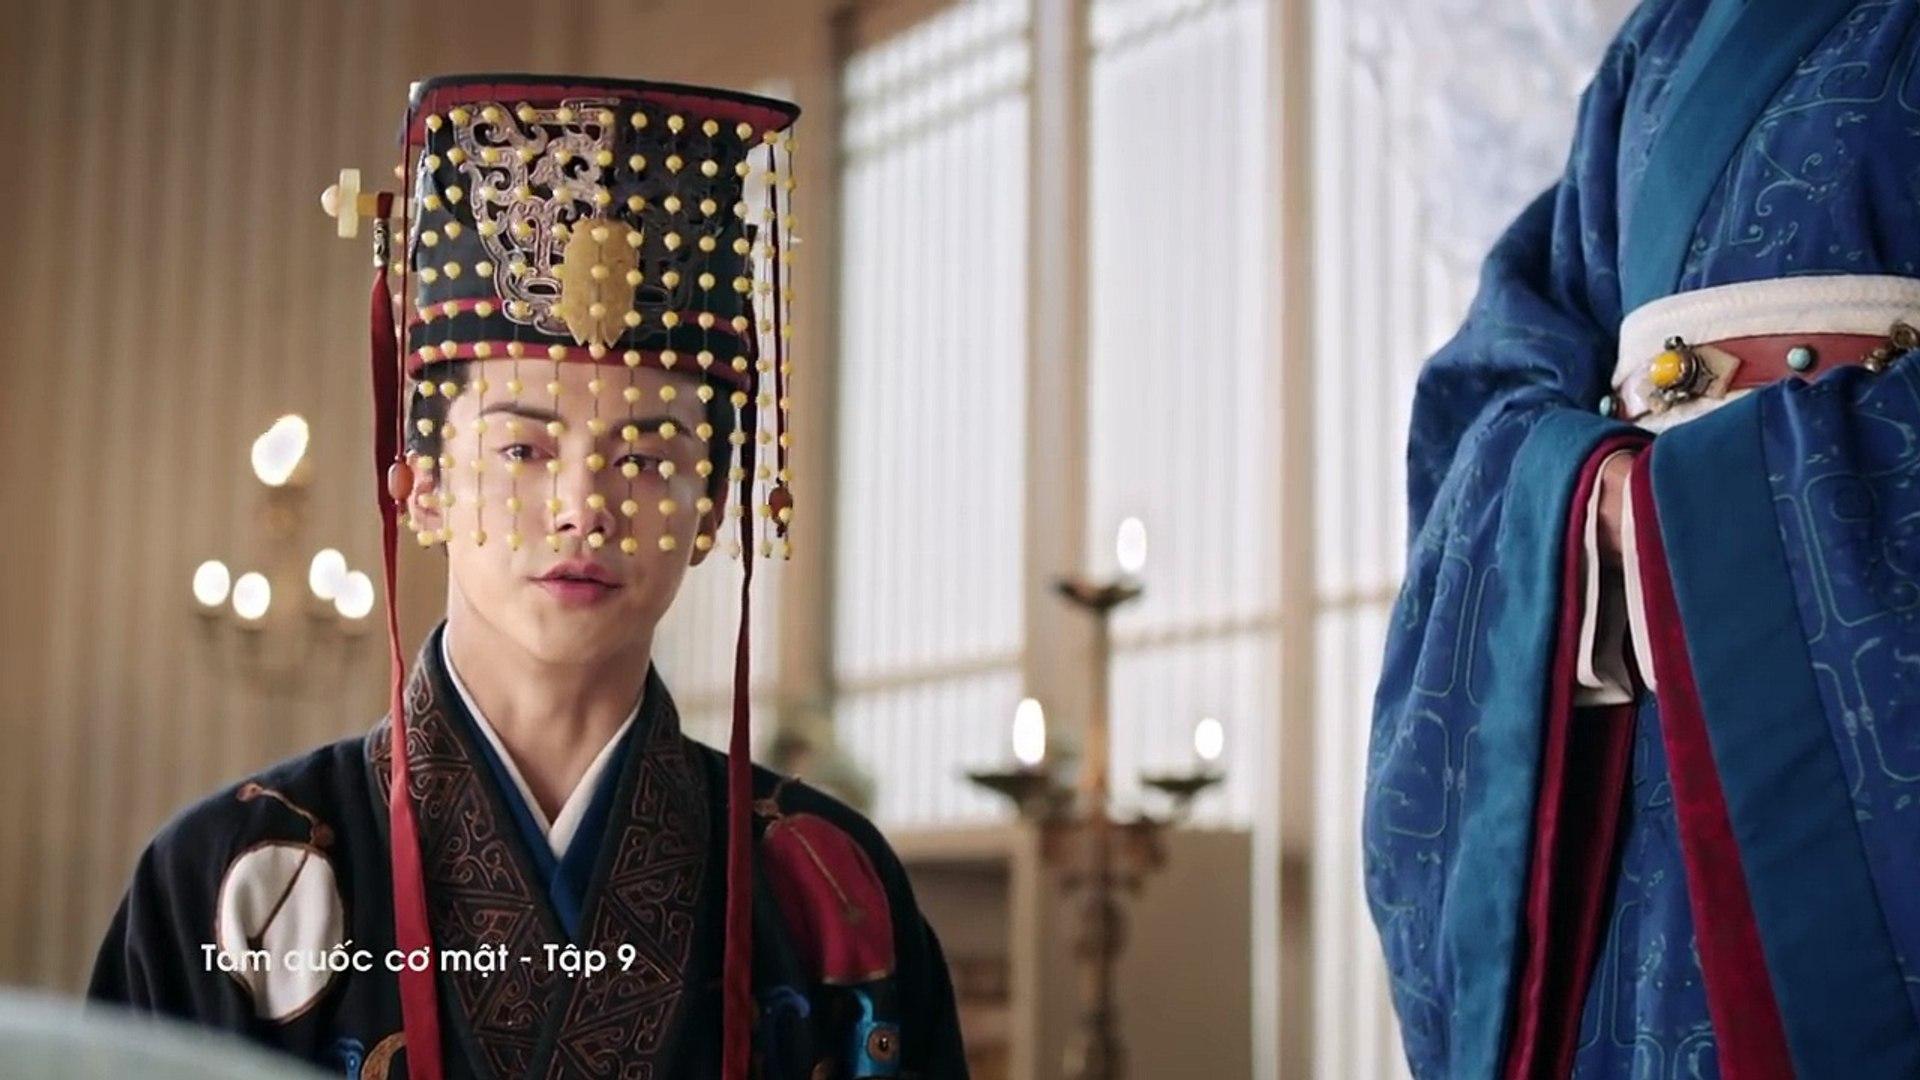 TAM QUỐC CƠ MẬT - Tập 9 FULL   Phim cổ trang Trung Quốc lồng tiếng 2018 hay